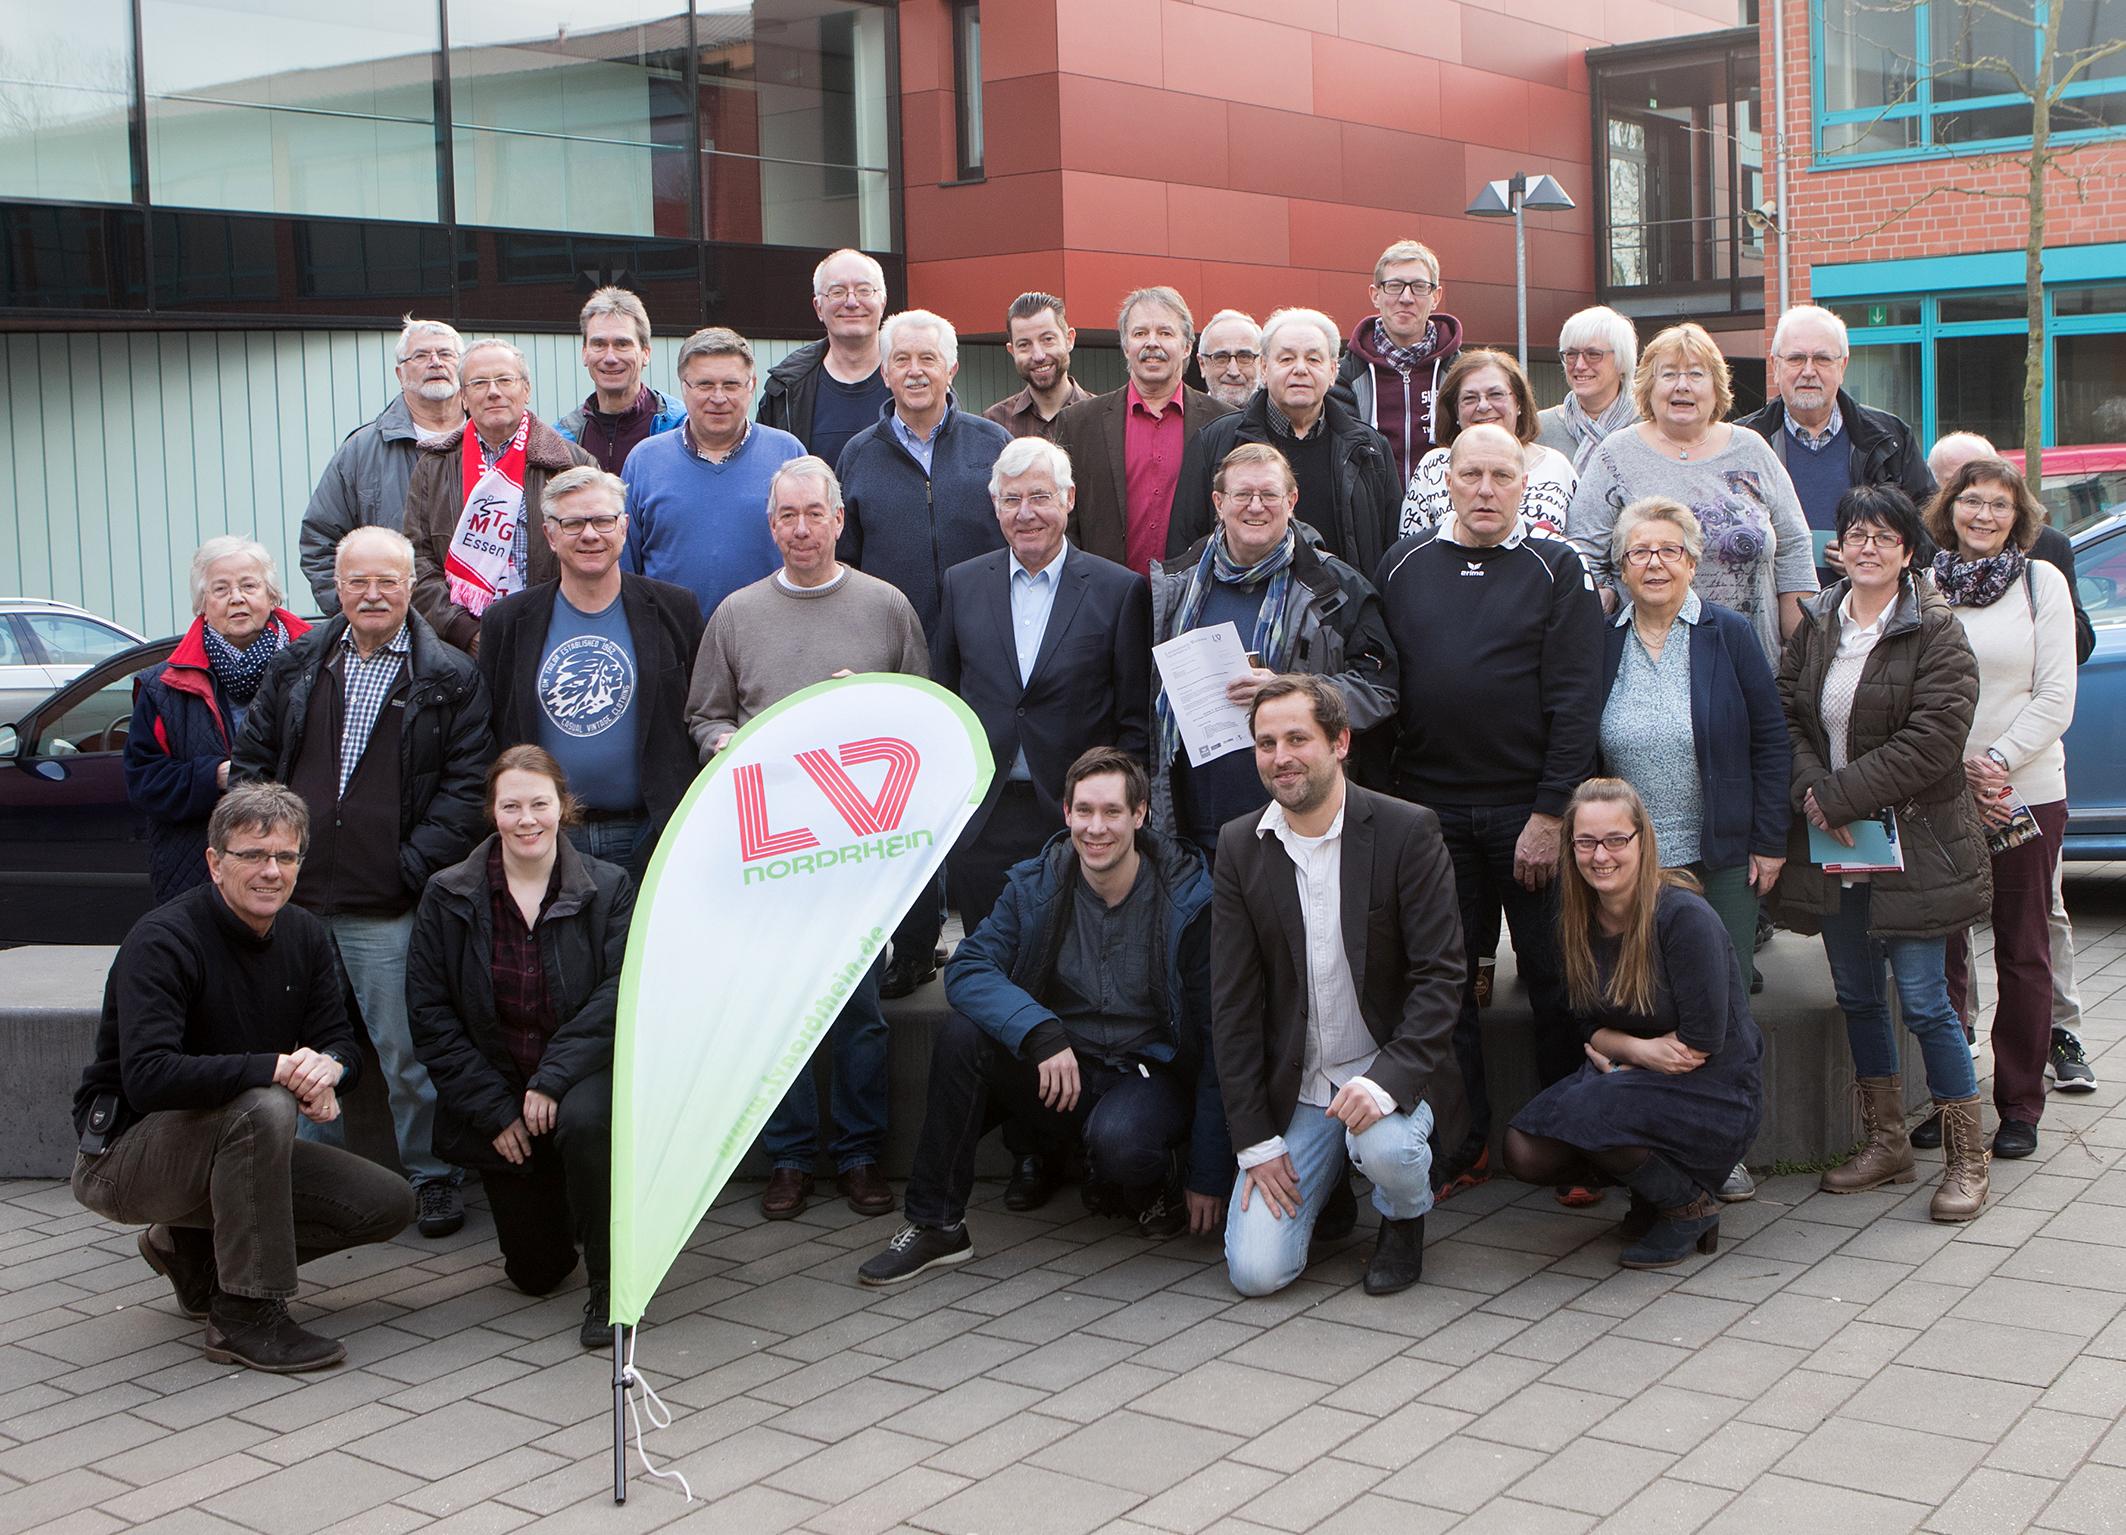 Das Bild zeigt die Vertreter der Essener Vereine und den ehemaligen Kreisvorstand bei der konstituierenden Regionssitzung